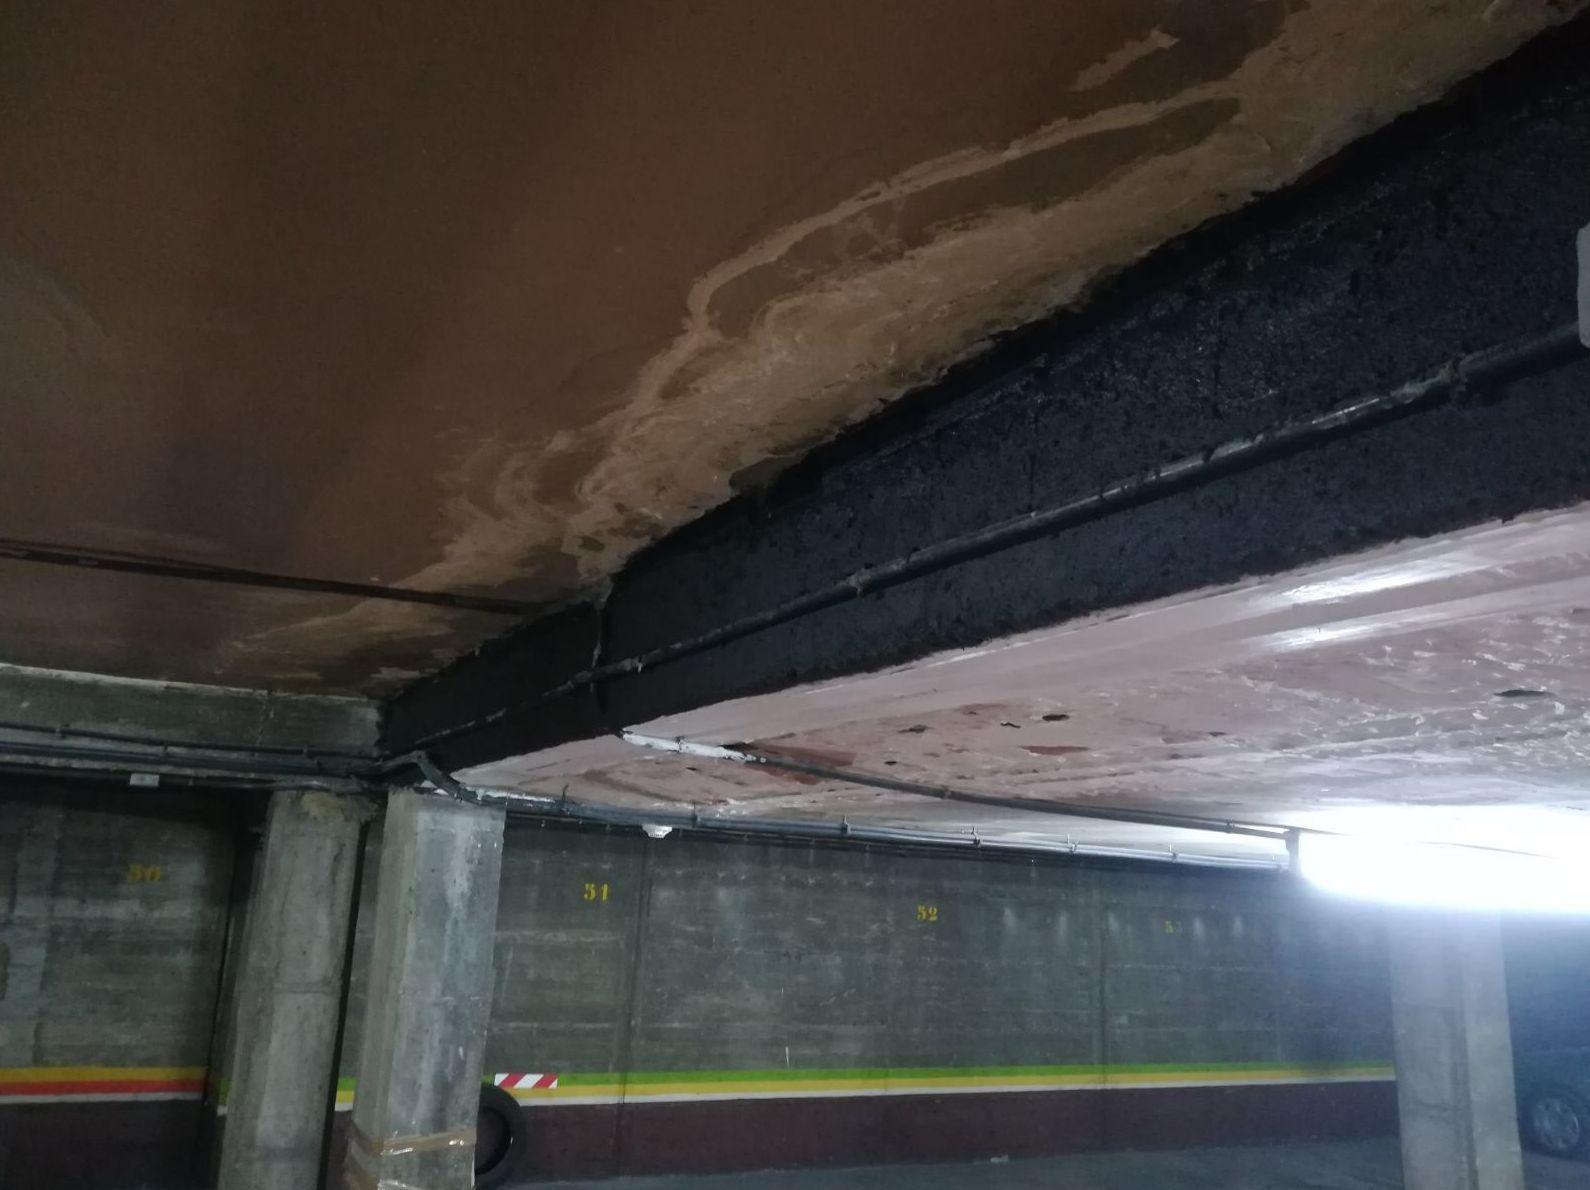 Refuerzo a flexión en parking utilizando el composite epoxi-carbono y su protección ignífuga. Carabanchel (Madrid)